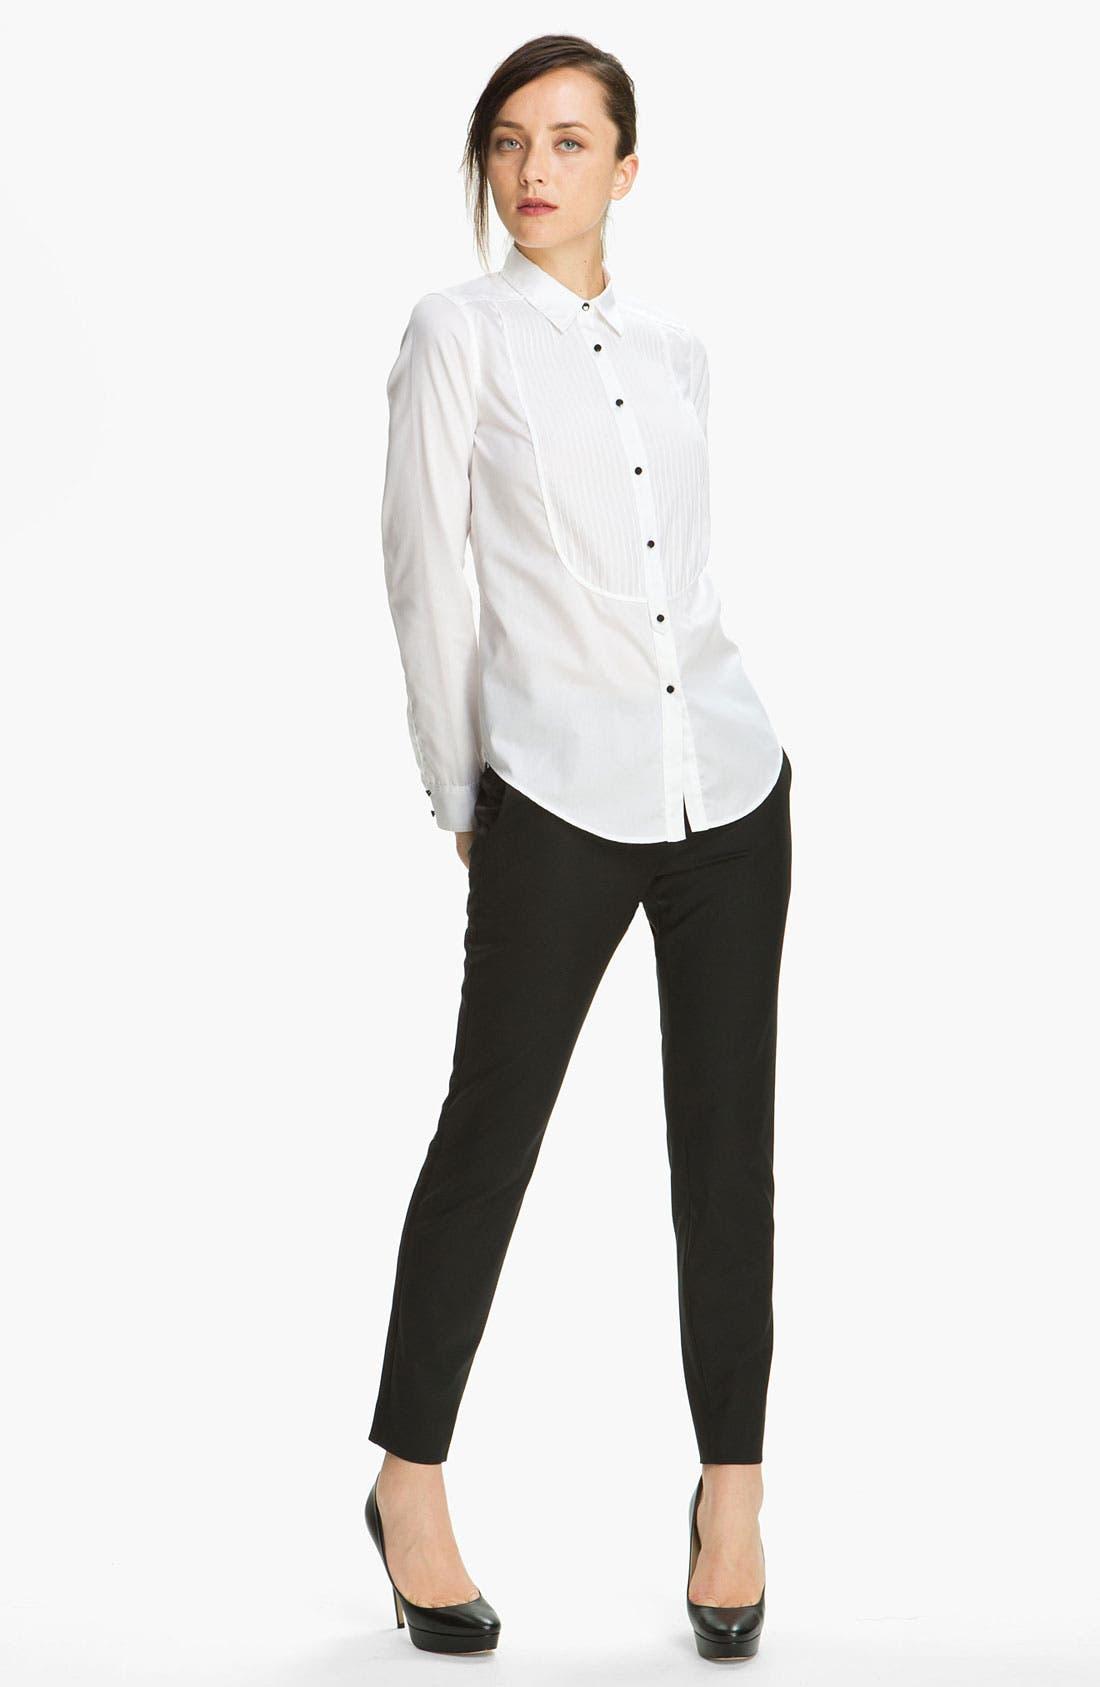 Main Image - Elizabeth and James 'Carter' Tuxedo Shirt